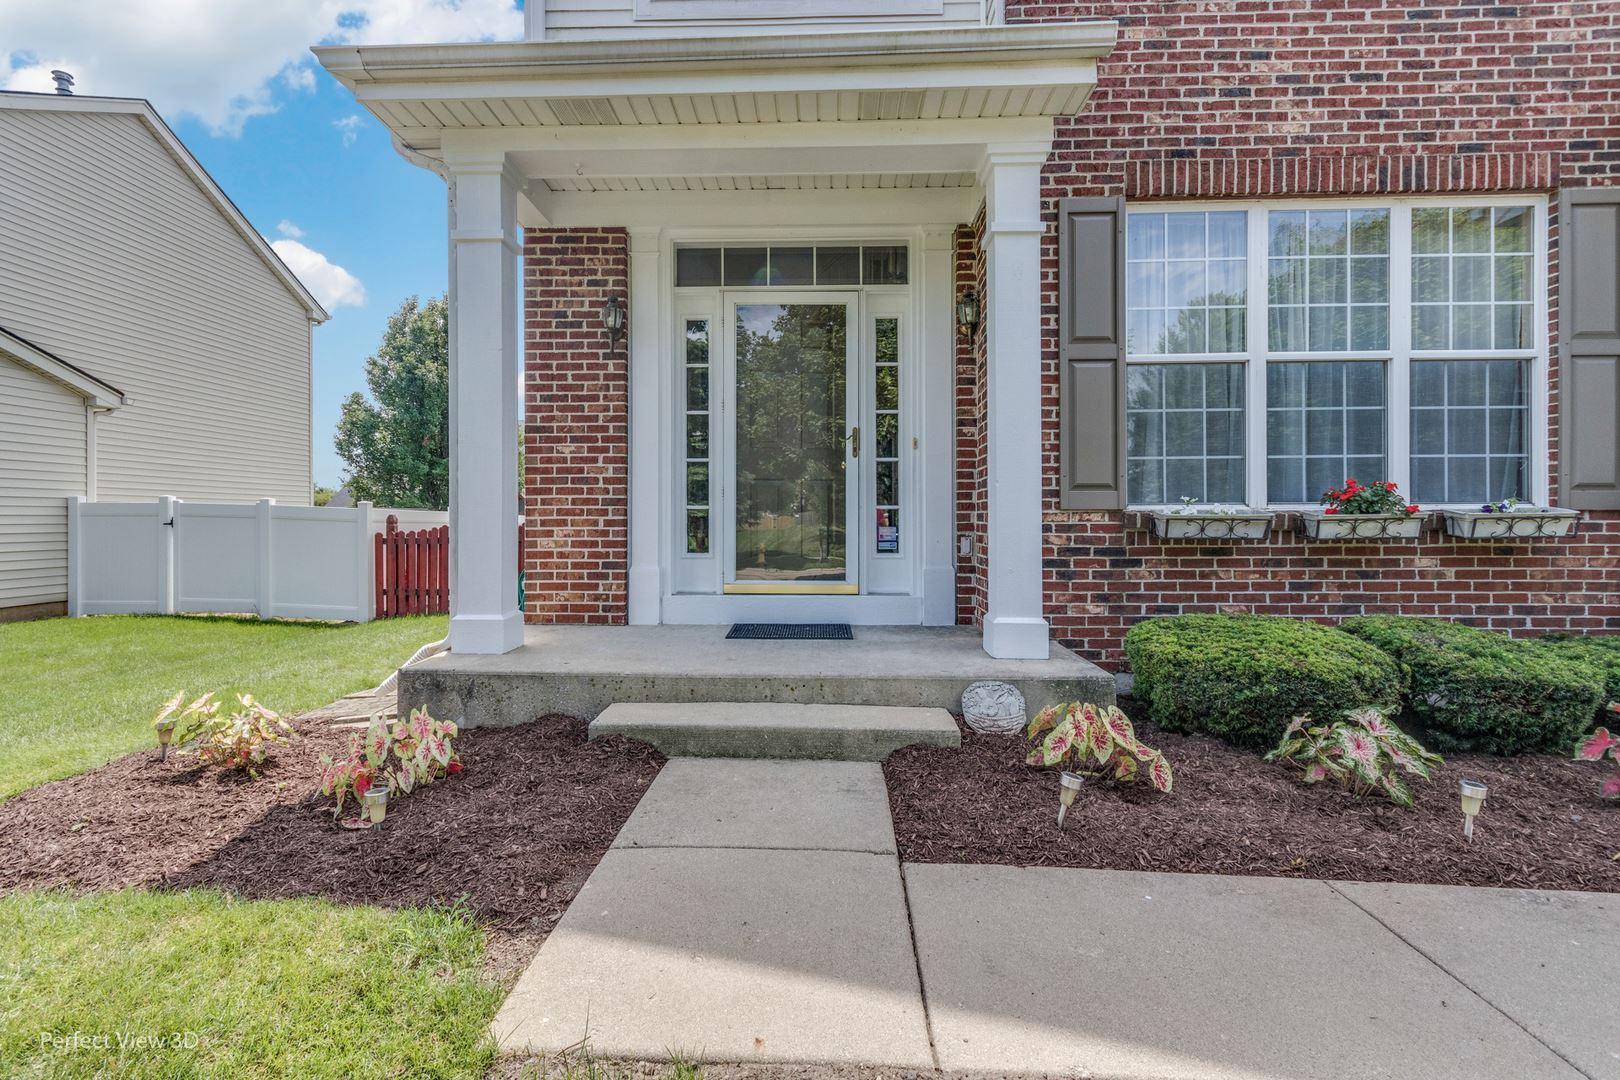 Photo of 1513 Schafer Avenue, Bolingbrook, IL 60490 (MLS # 10943888)